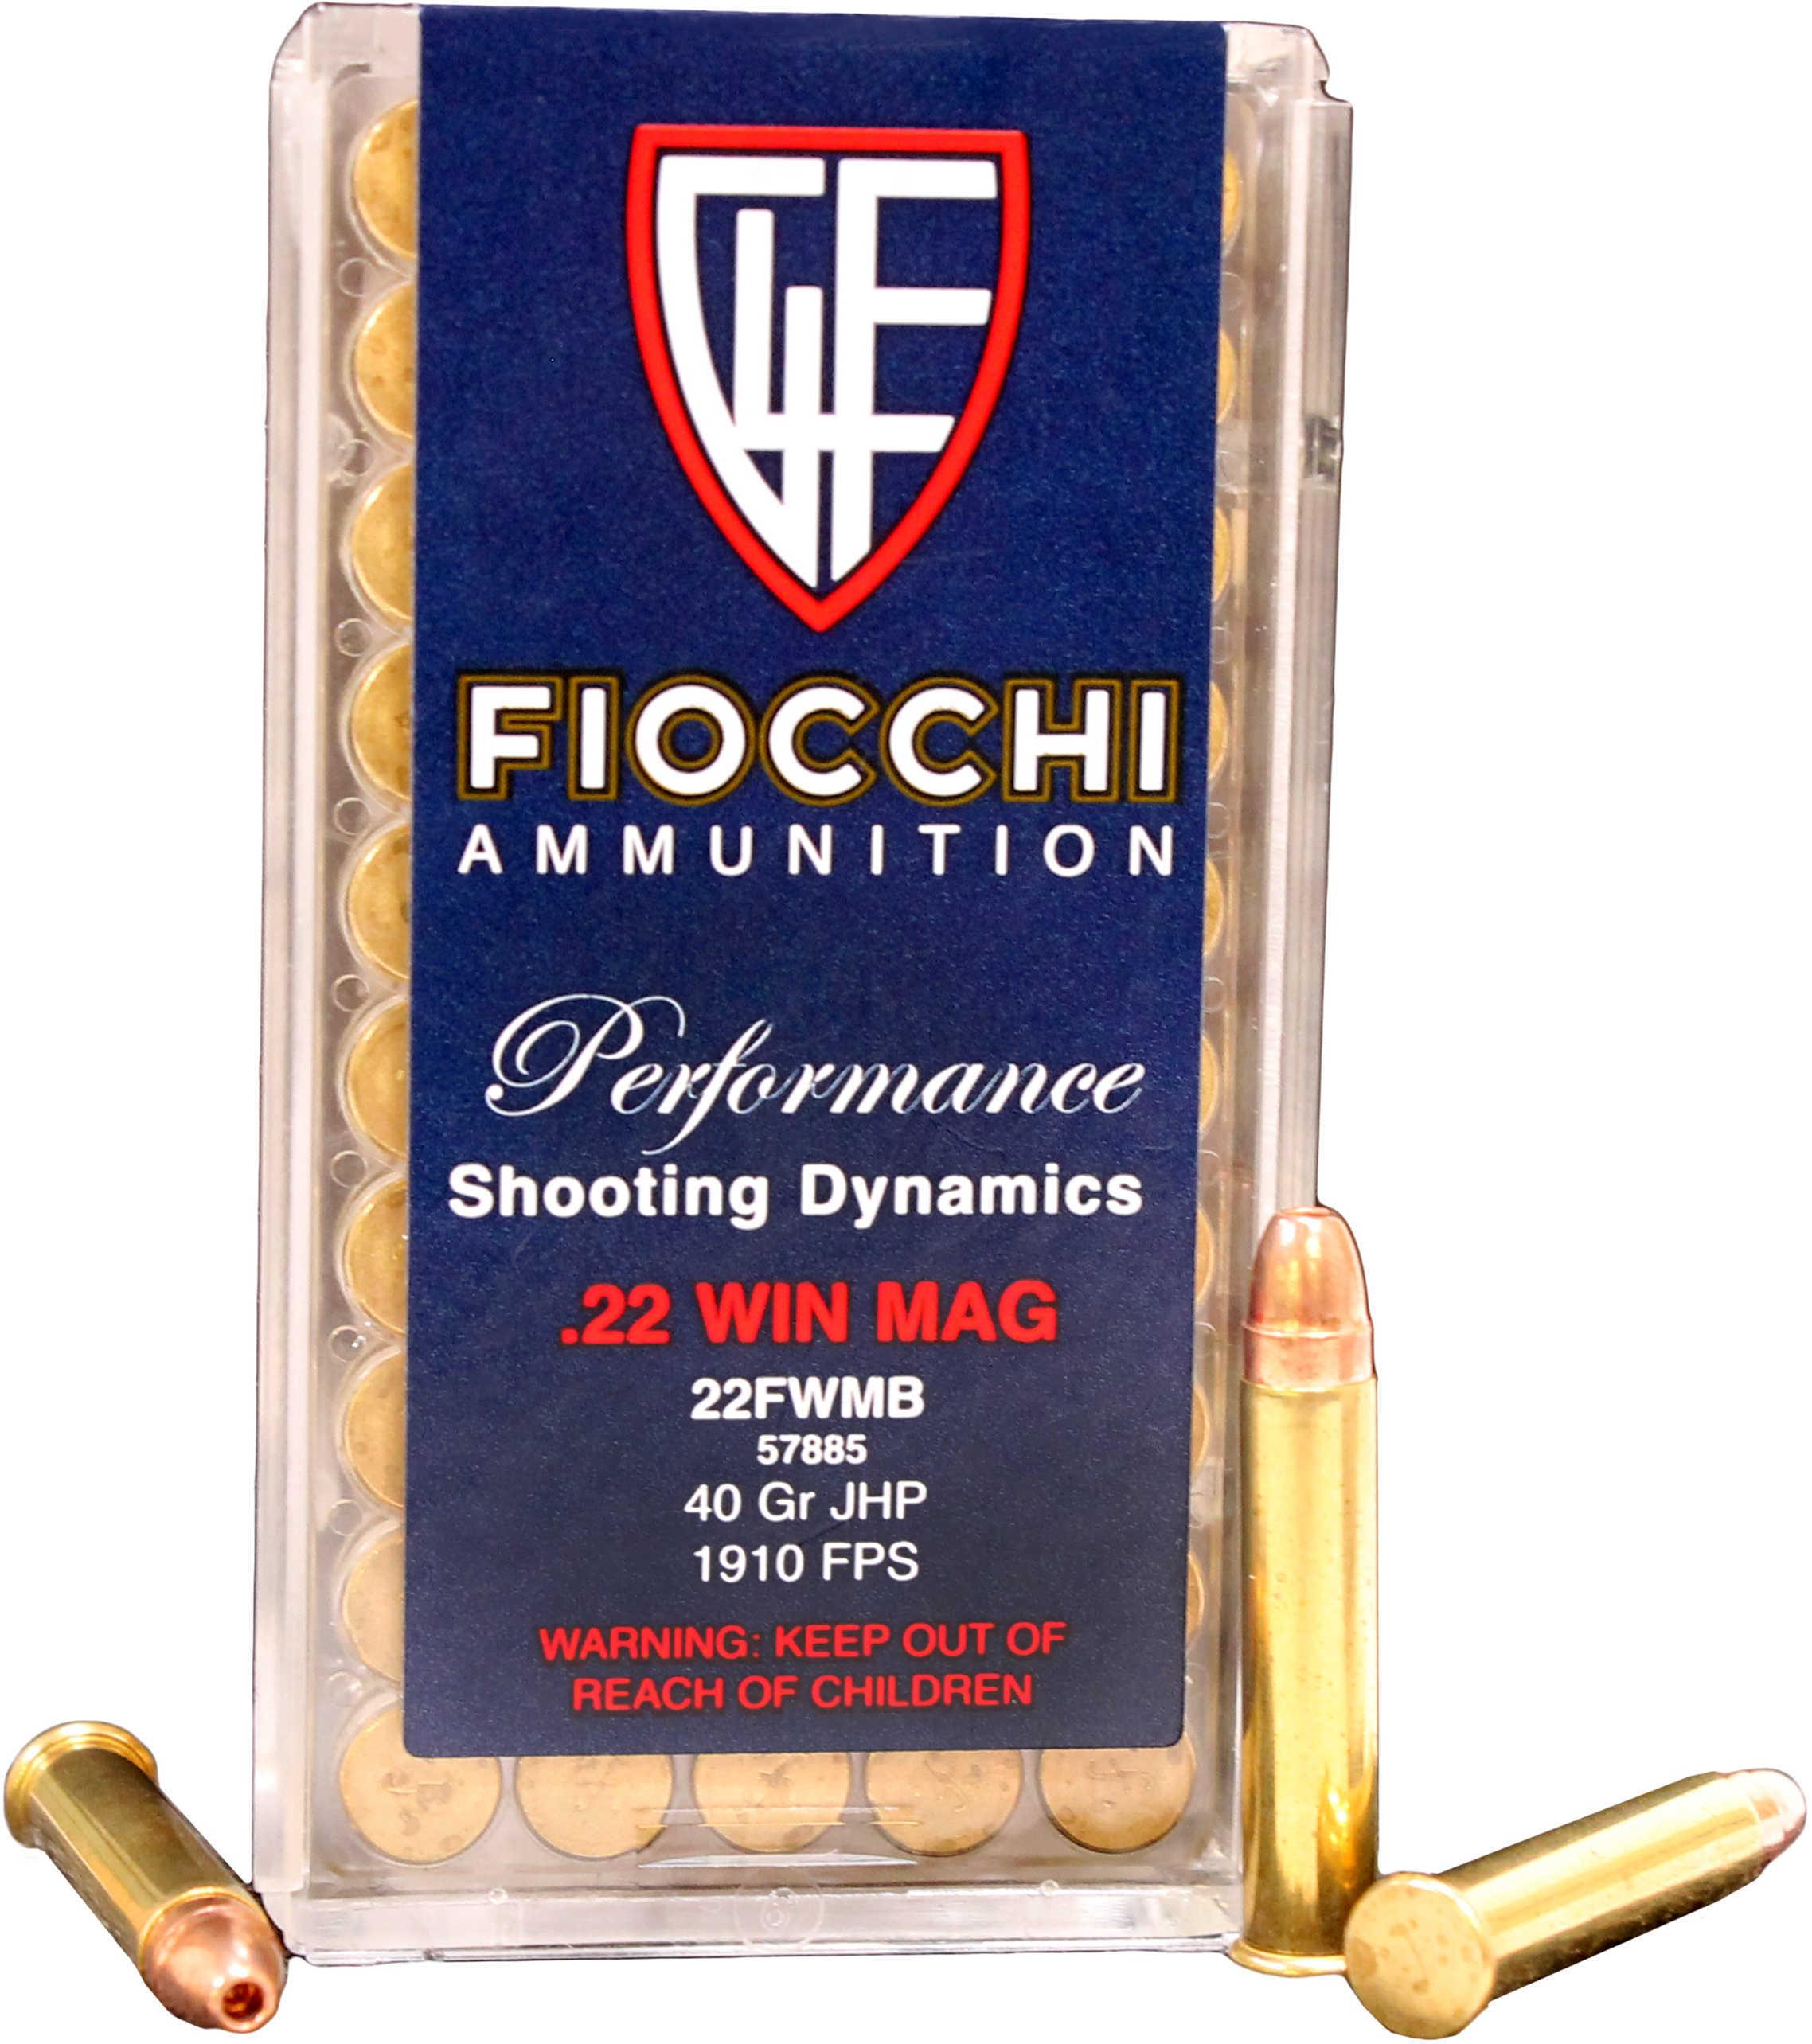 22 Magnum JHP 40 Grain 50 Rounds Fiocchi Pistol Ammunition